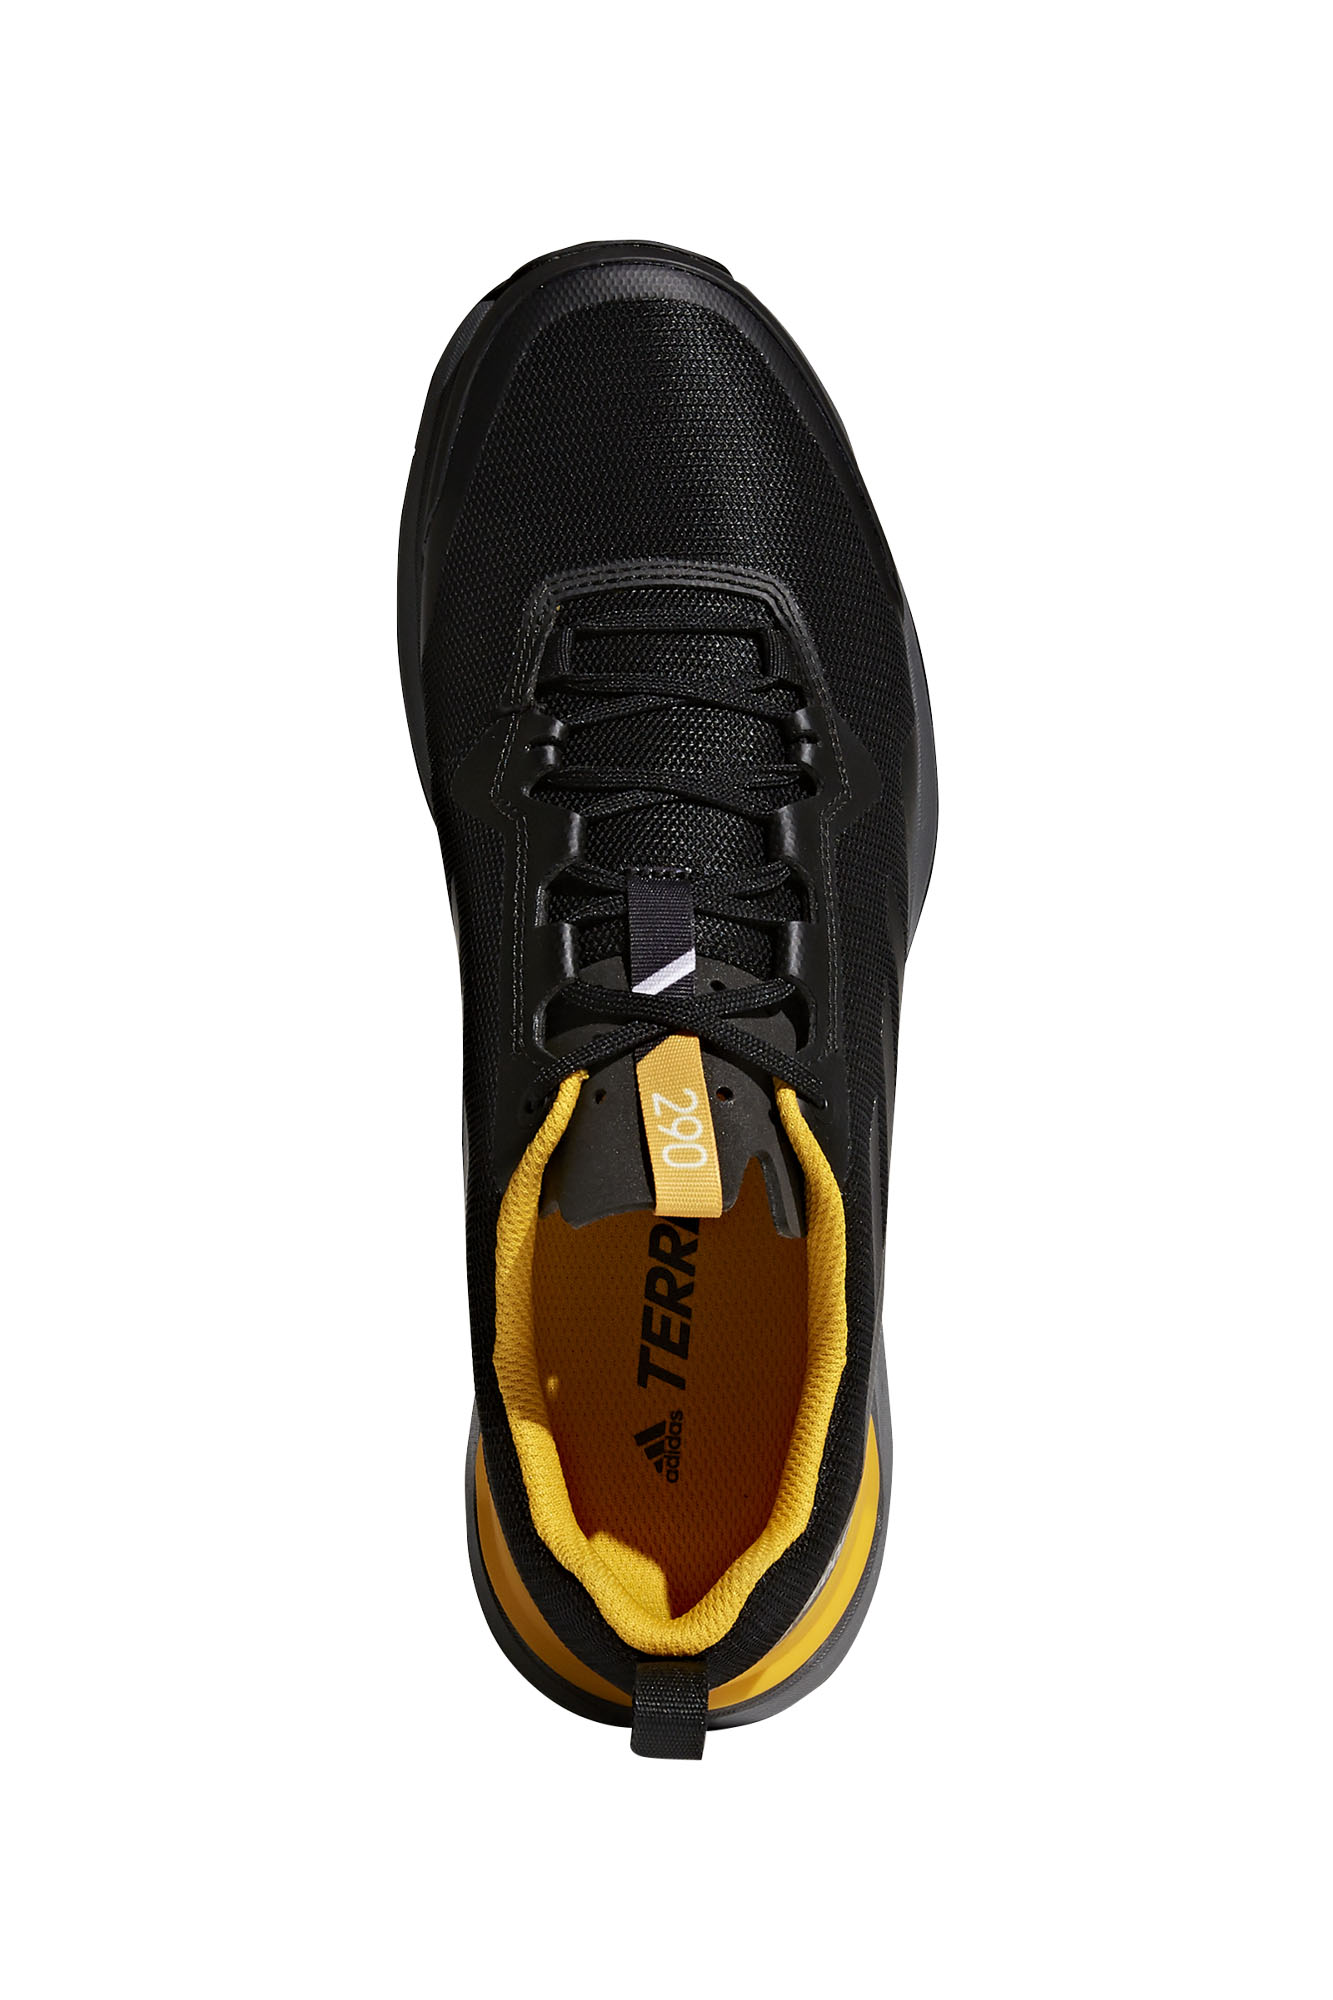 sale retailer 5988c d3250 ... Buty adidas Terrex CMTK - S80874 ...